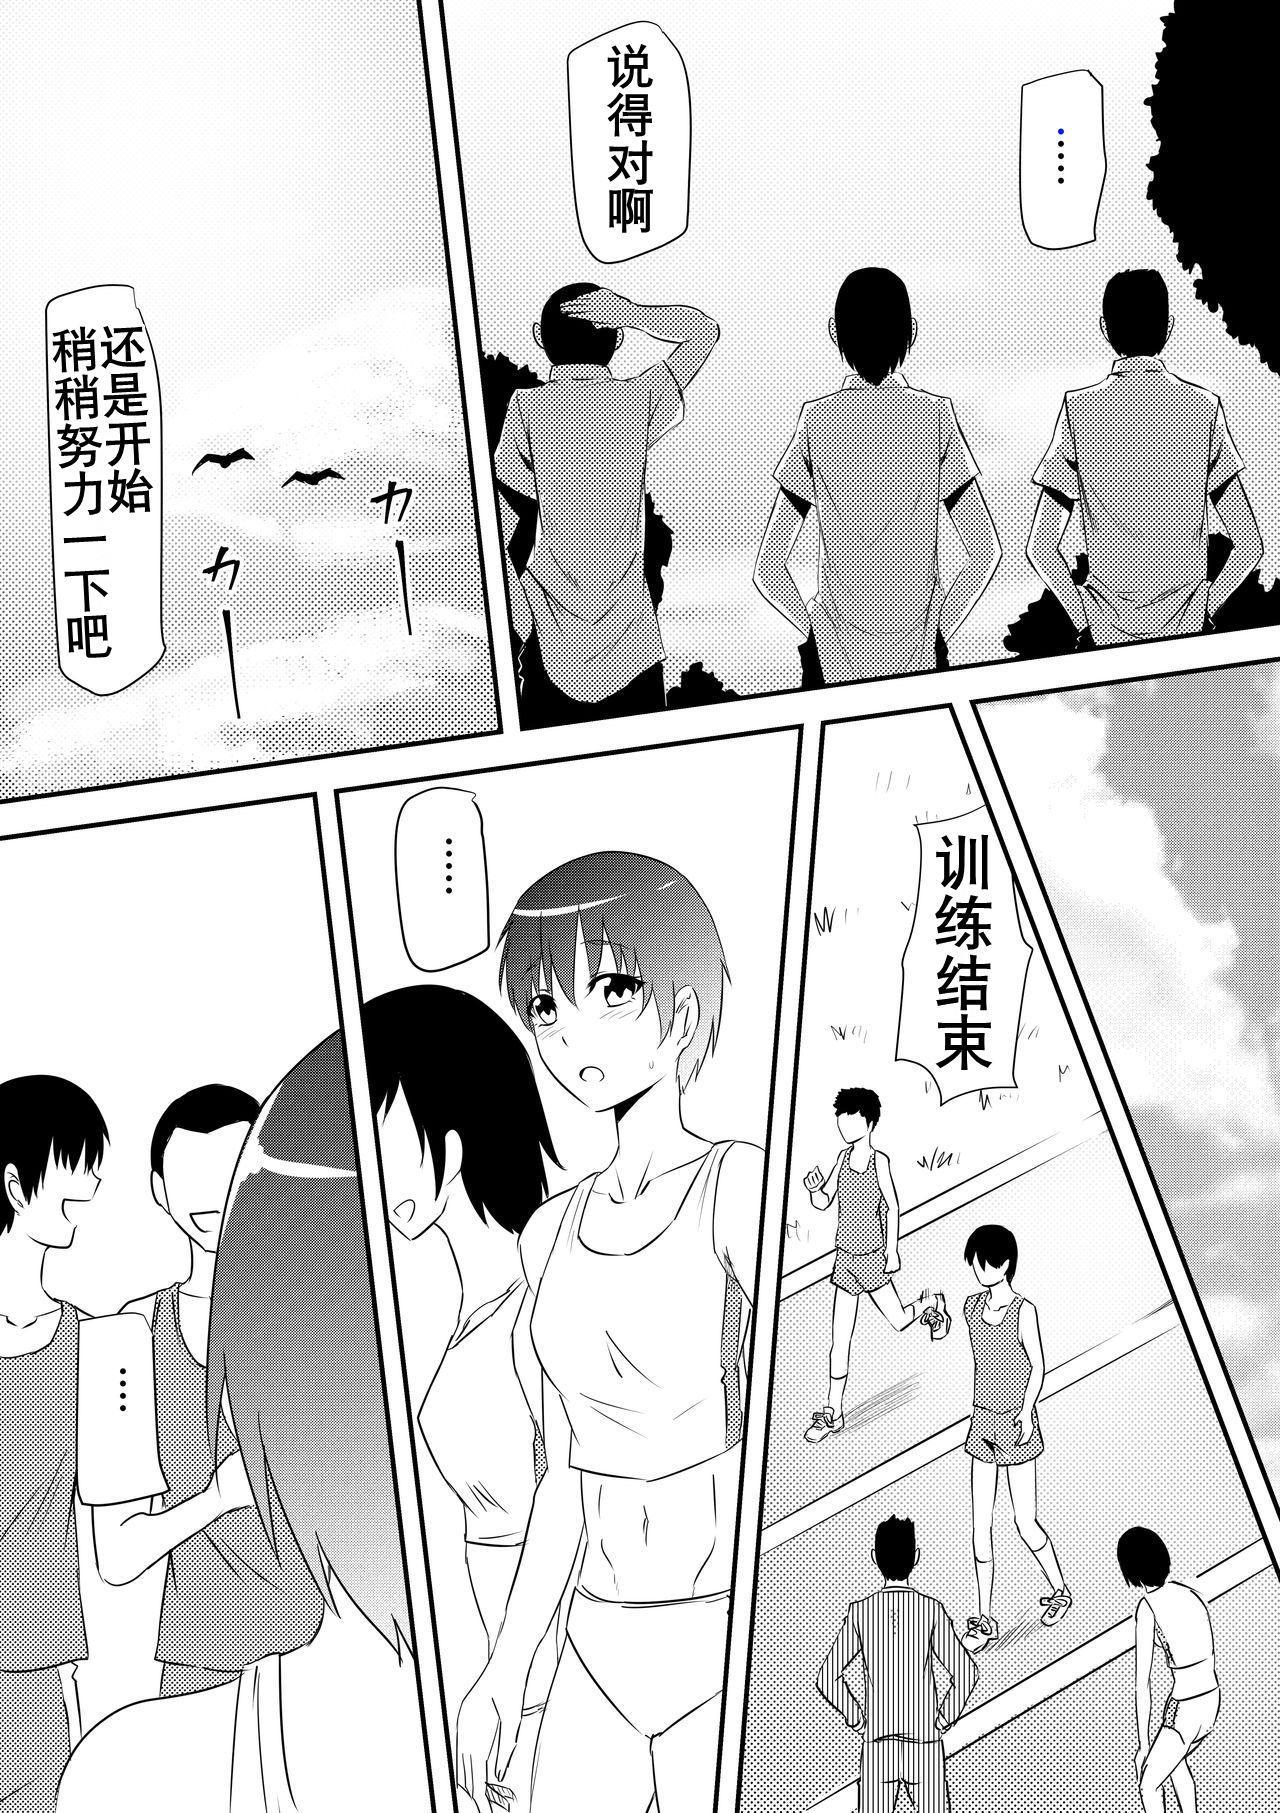 Sports Shoujo ga Ryoujoku Sarete Bitch-ka Suru Hanashi | 田径少女凌辱婊化 45